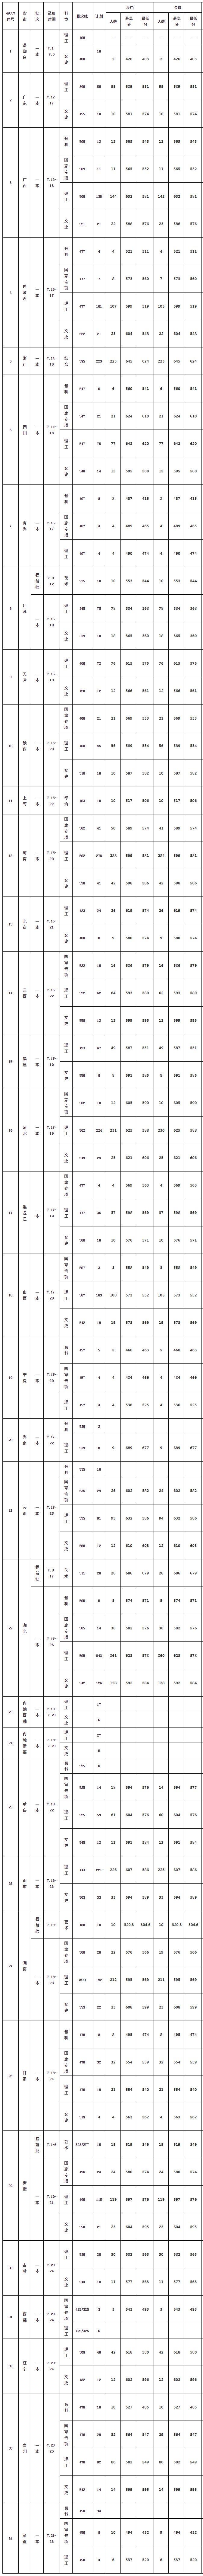 华中农业大学2019年本科招生各省录取分数线